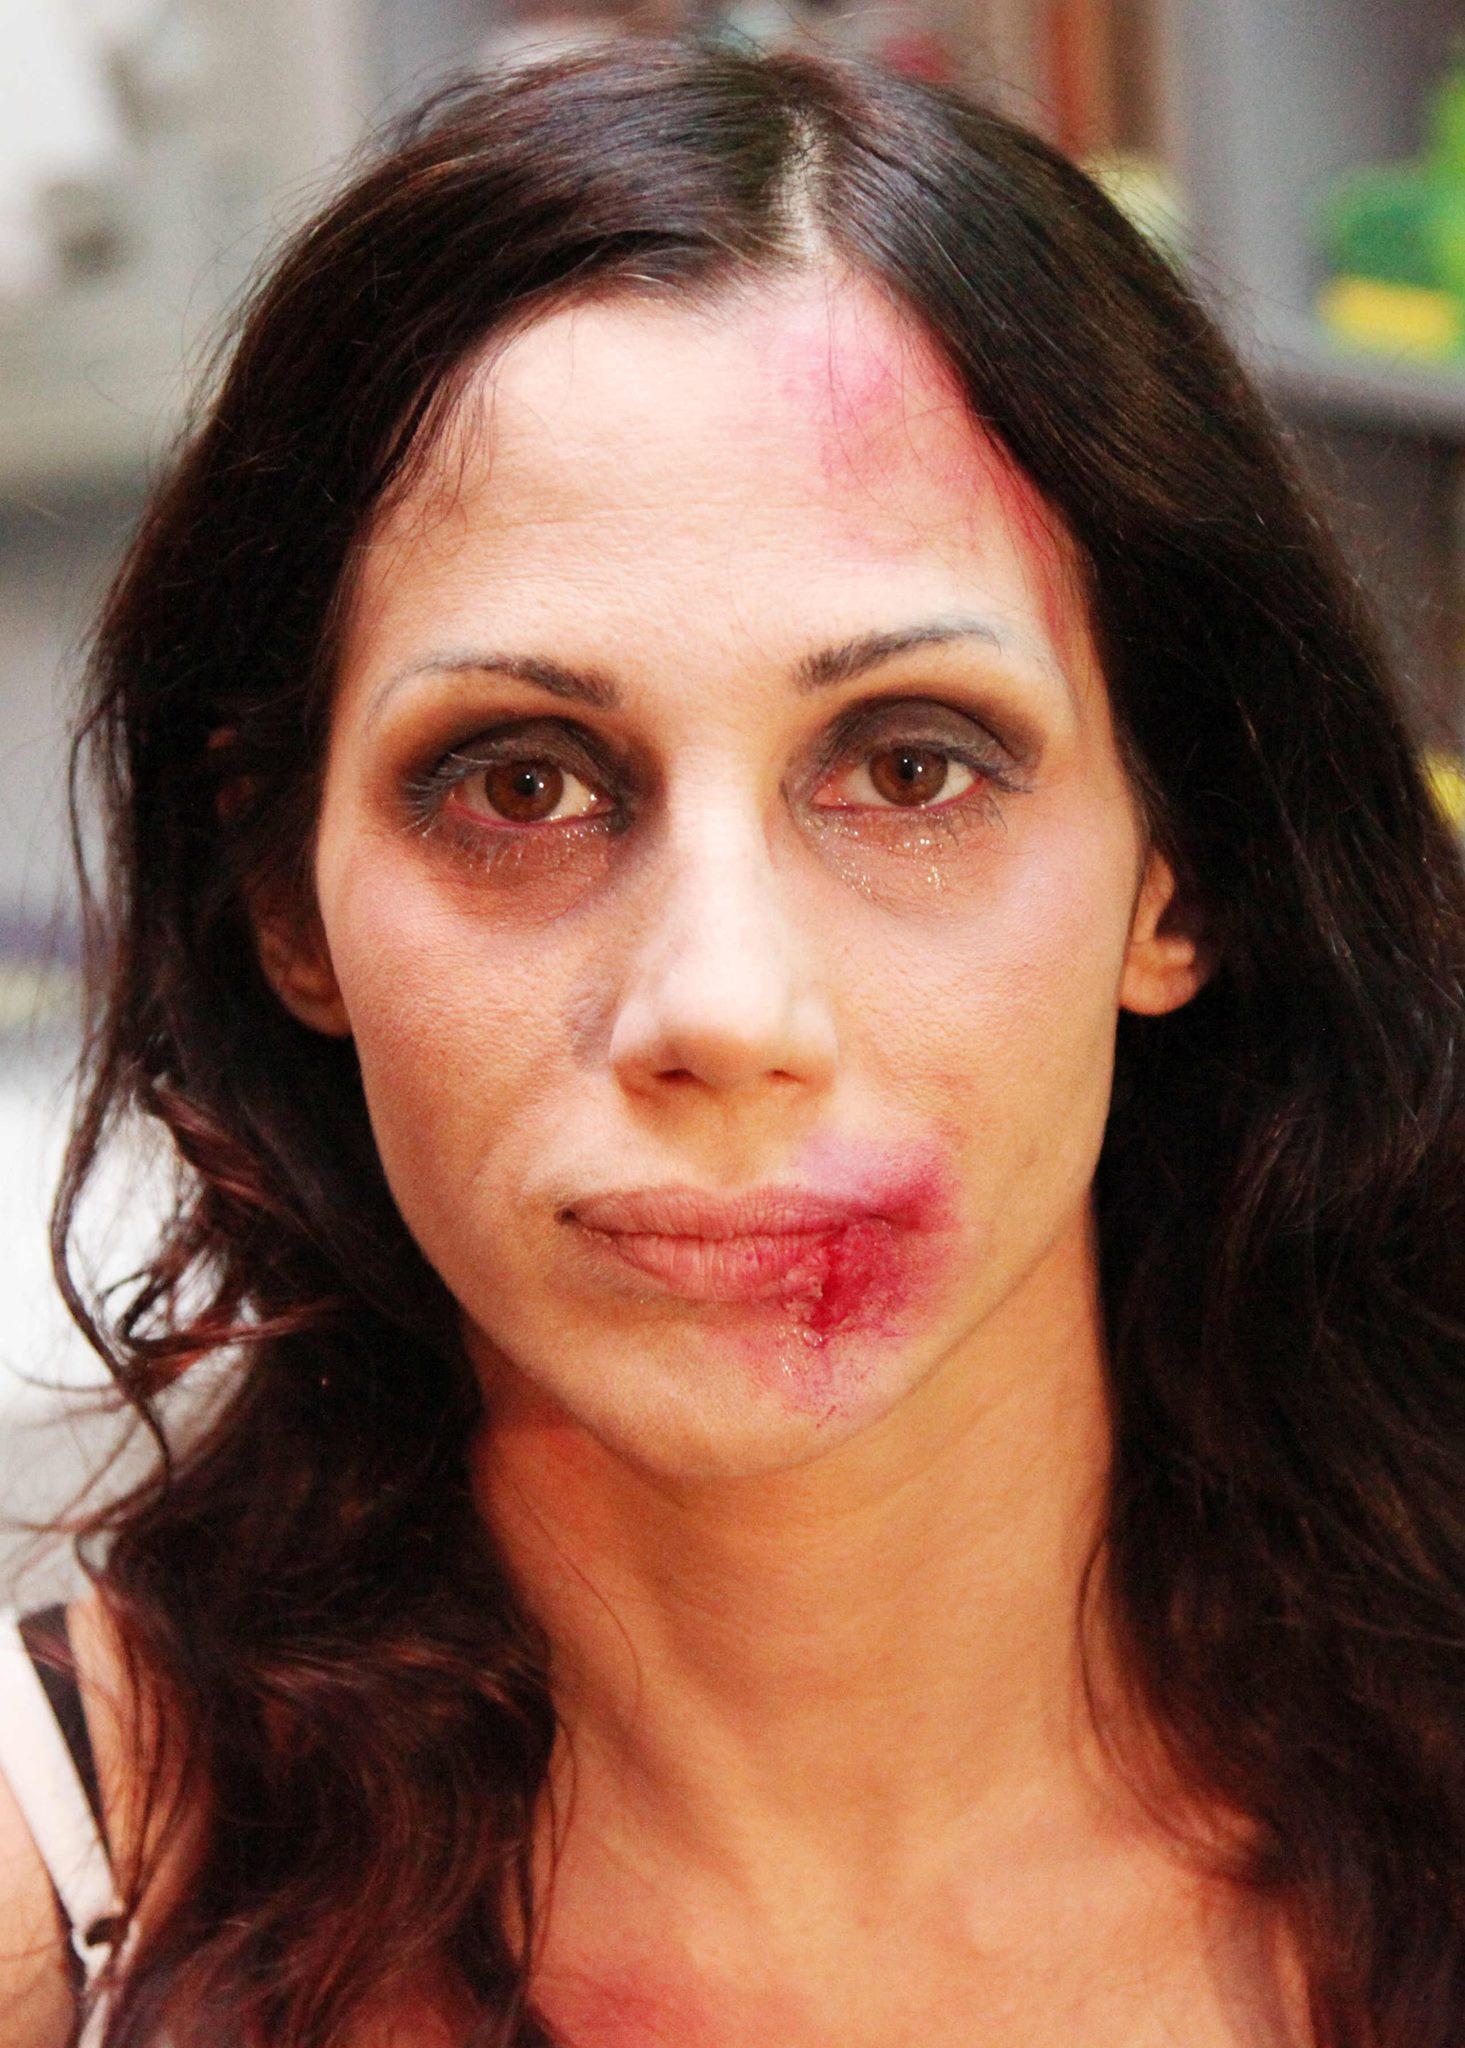 elisabetta-rocchetti-vittima-di-violenza